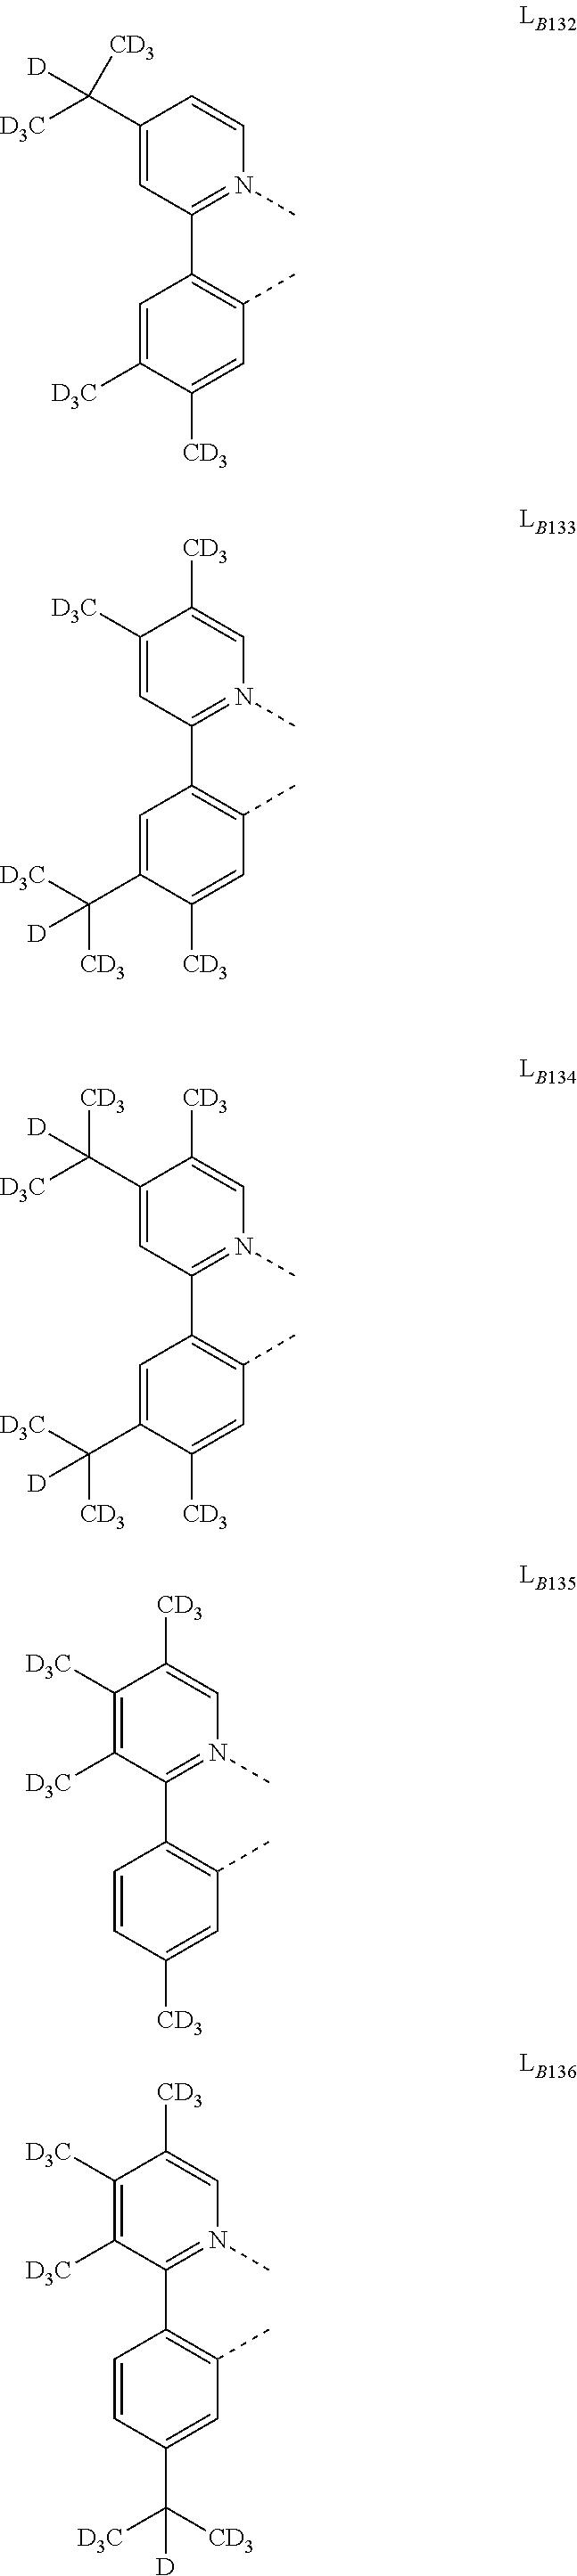 Figure US09929360-20180327-C00243